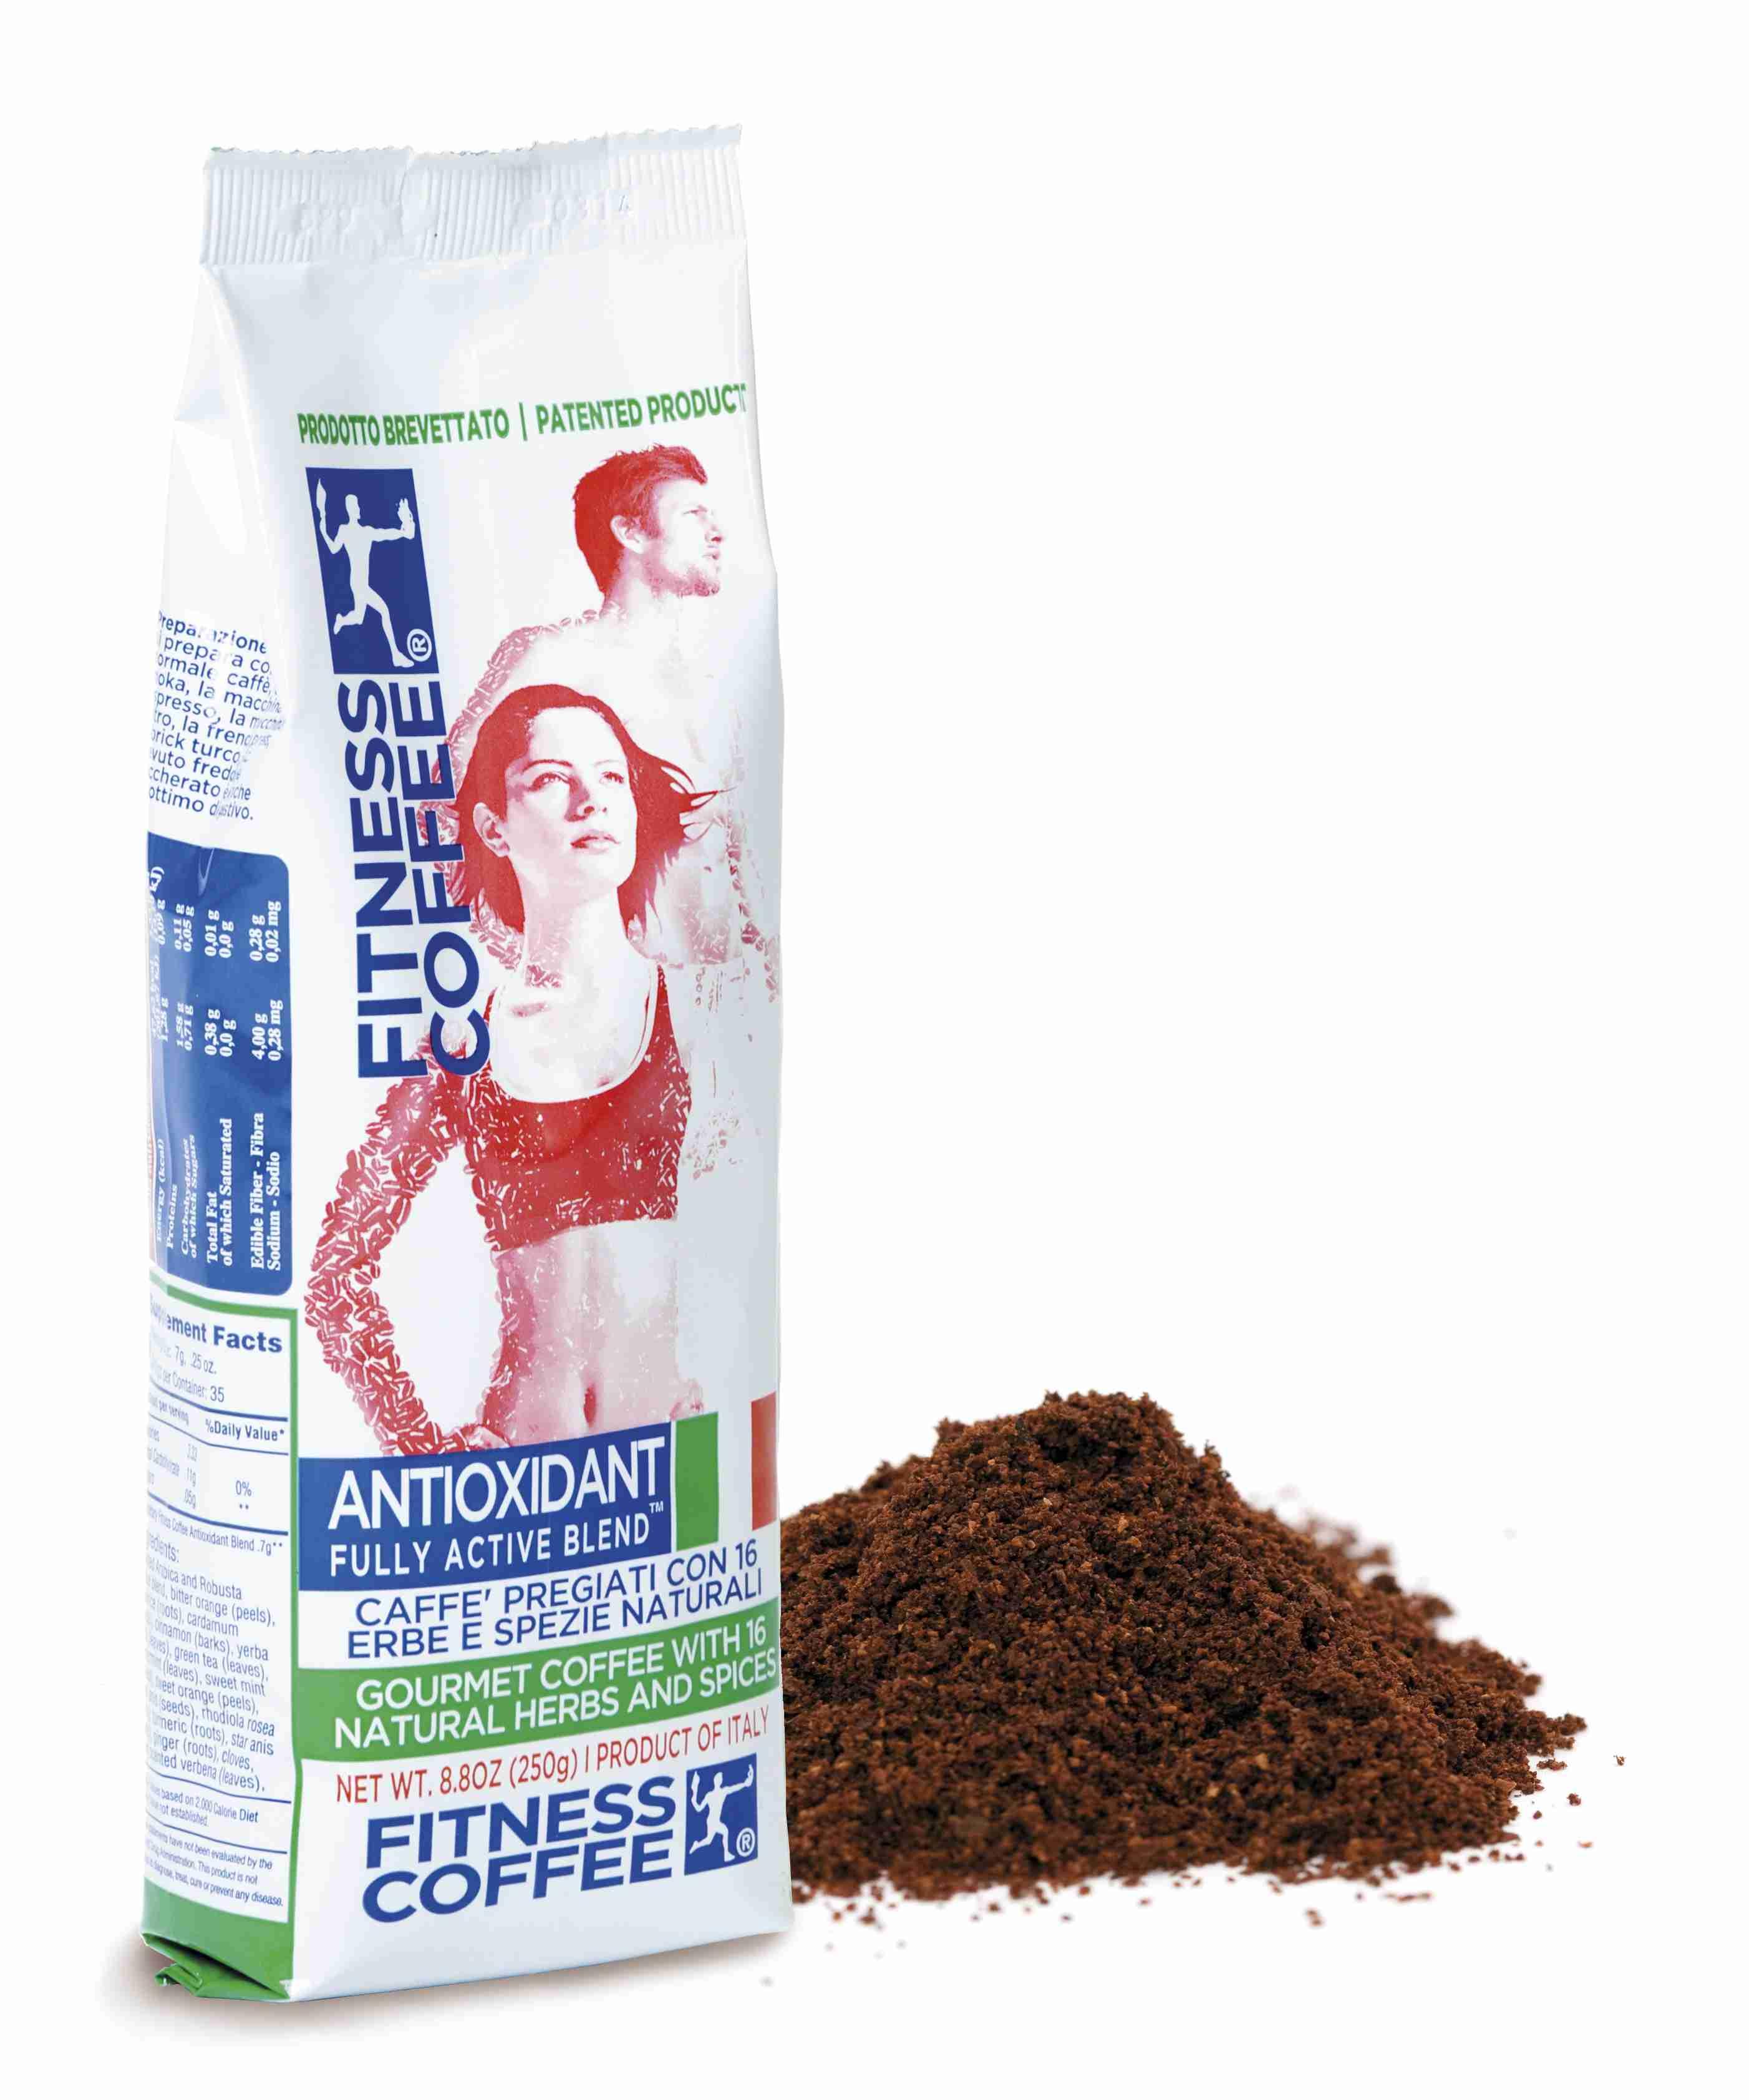 厳選した良質豆をはじめとする16種類のハーブ&スパイス配合のフィットネスコーヒー